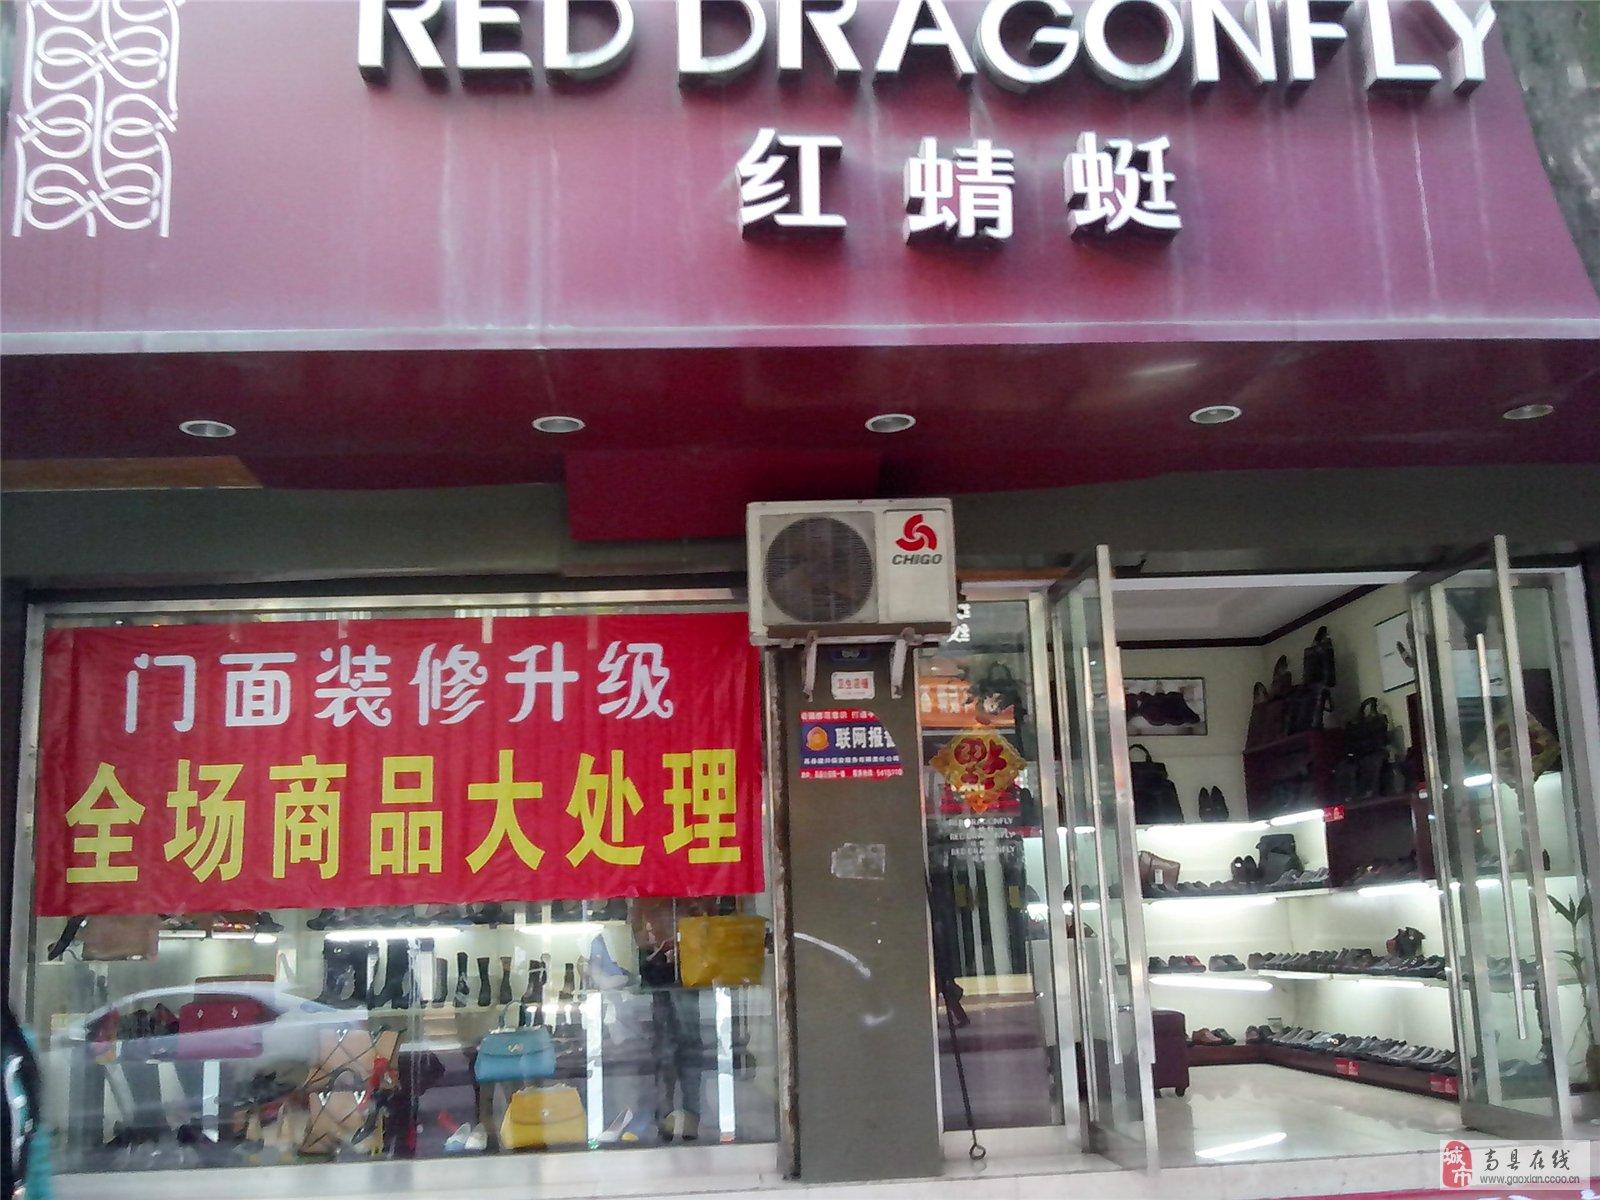 红蜻蜓旗舰店_高县红蜻蜓专卖店2014一大惊喜